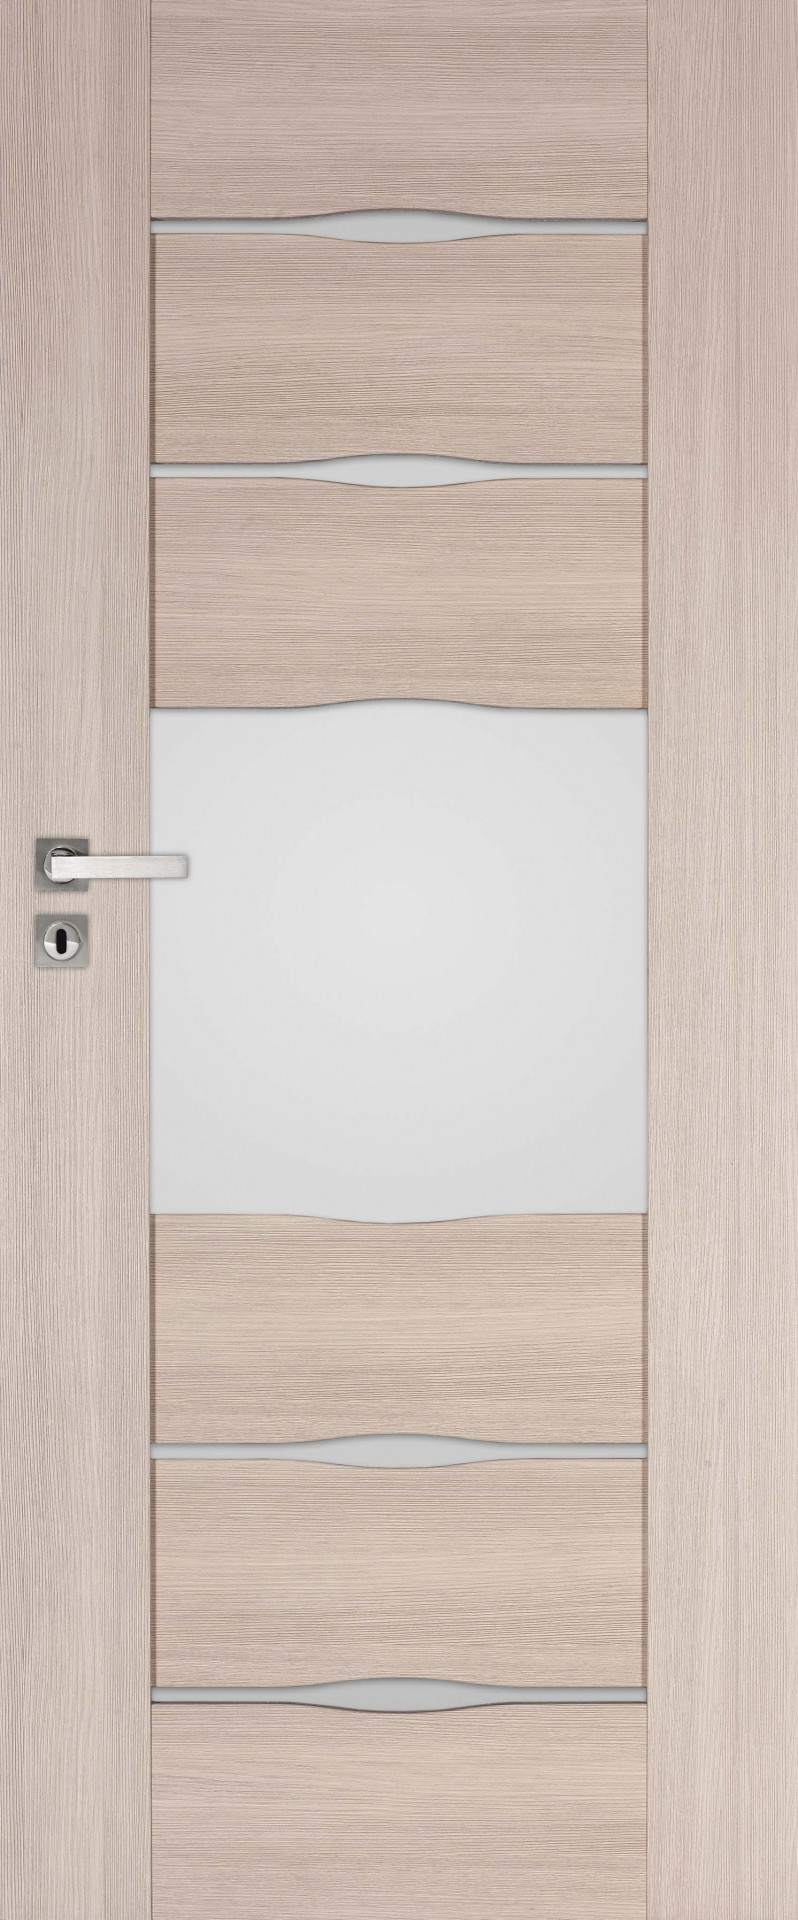 Dre dveře VERANO 3, Šíře v cm 80